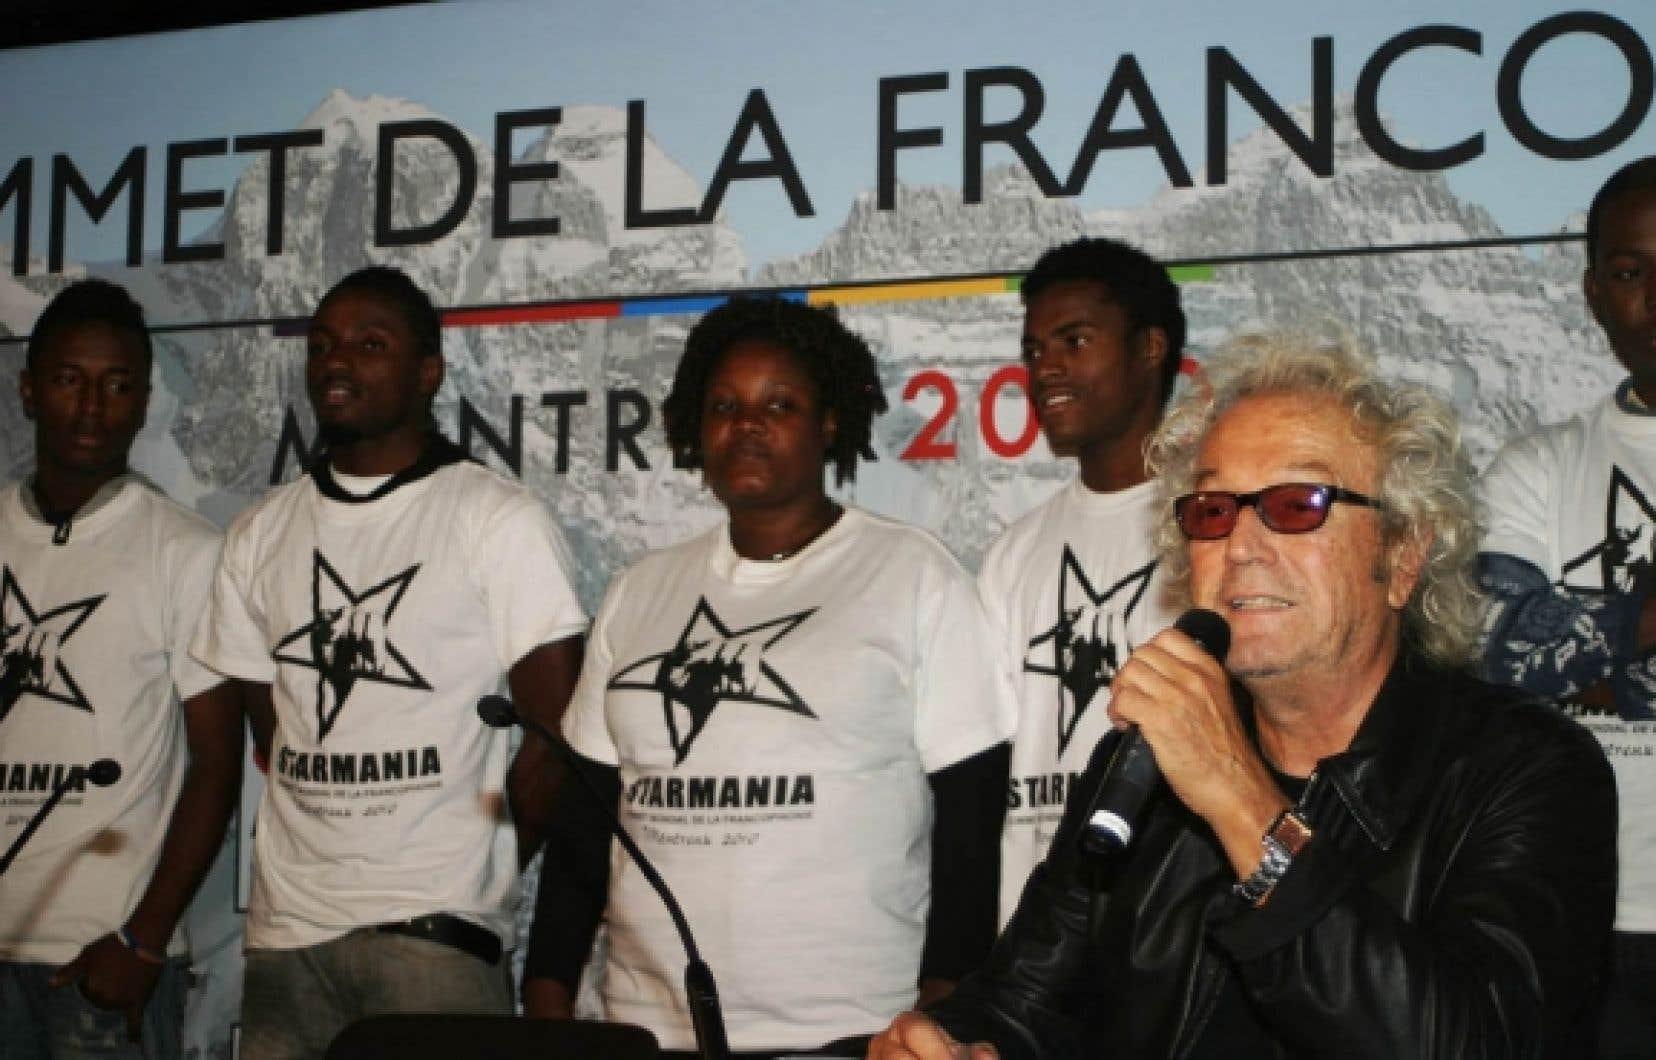 Luc Plamondon a présenté hier à Montreux la troupe de jeunes Haïtiens qu'il parraine, Haïti en spectacle. Il en a profité pour critiquer la loi 115 du gouvernement Charest (voir ci-dessous).<br />